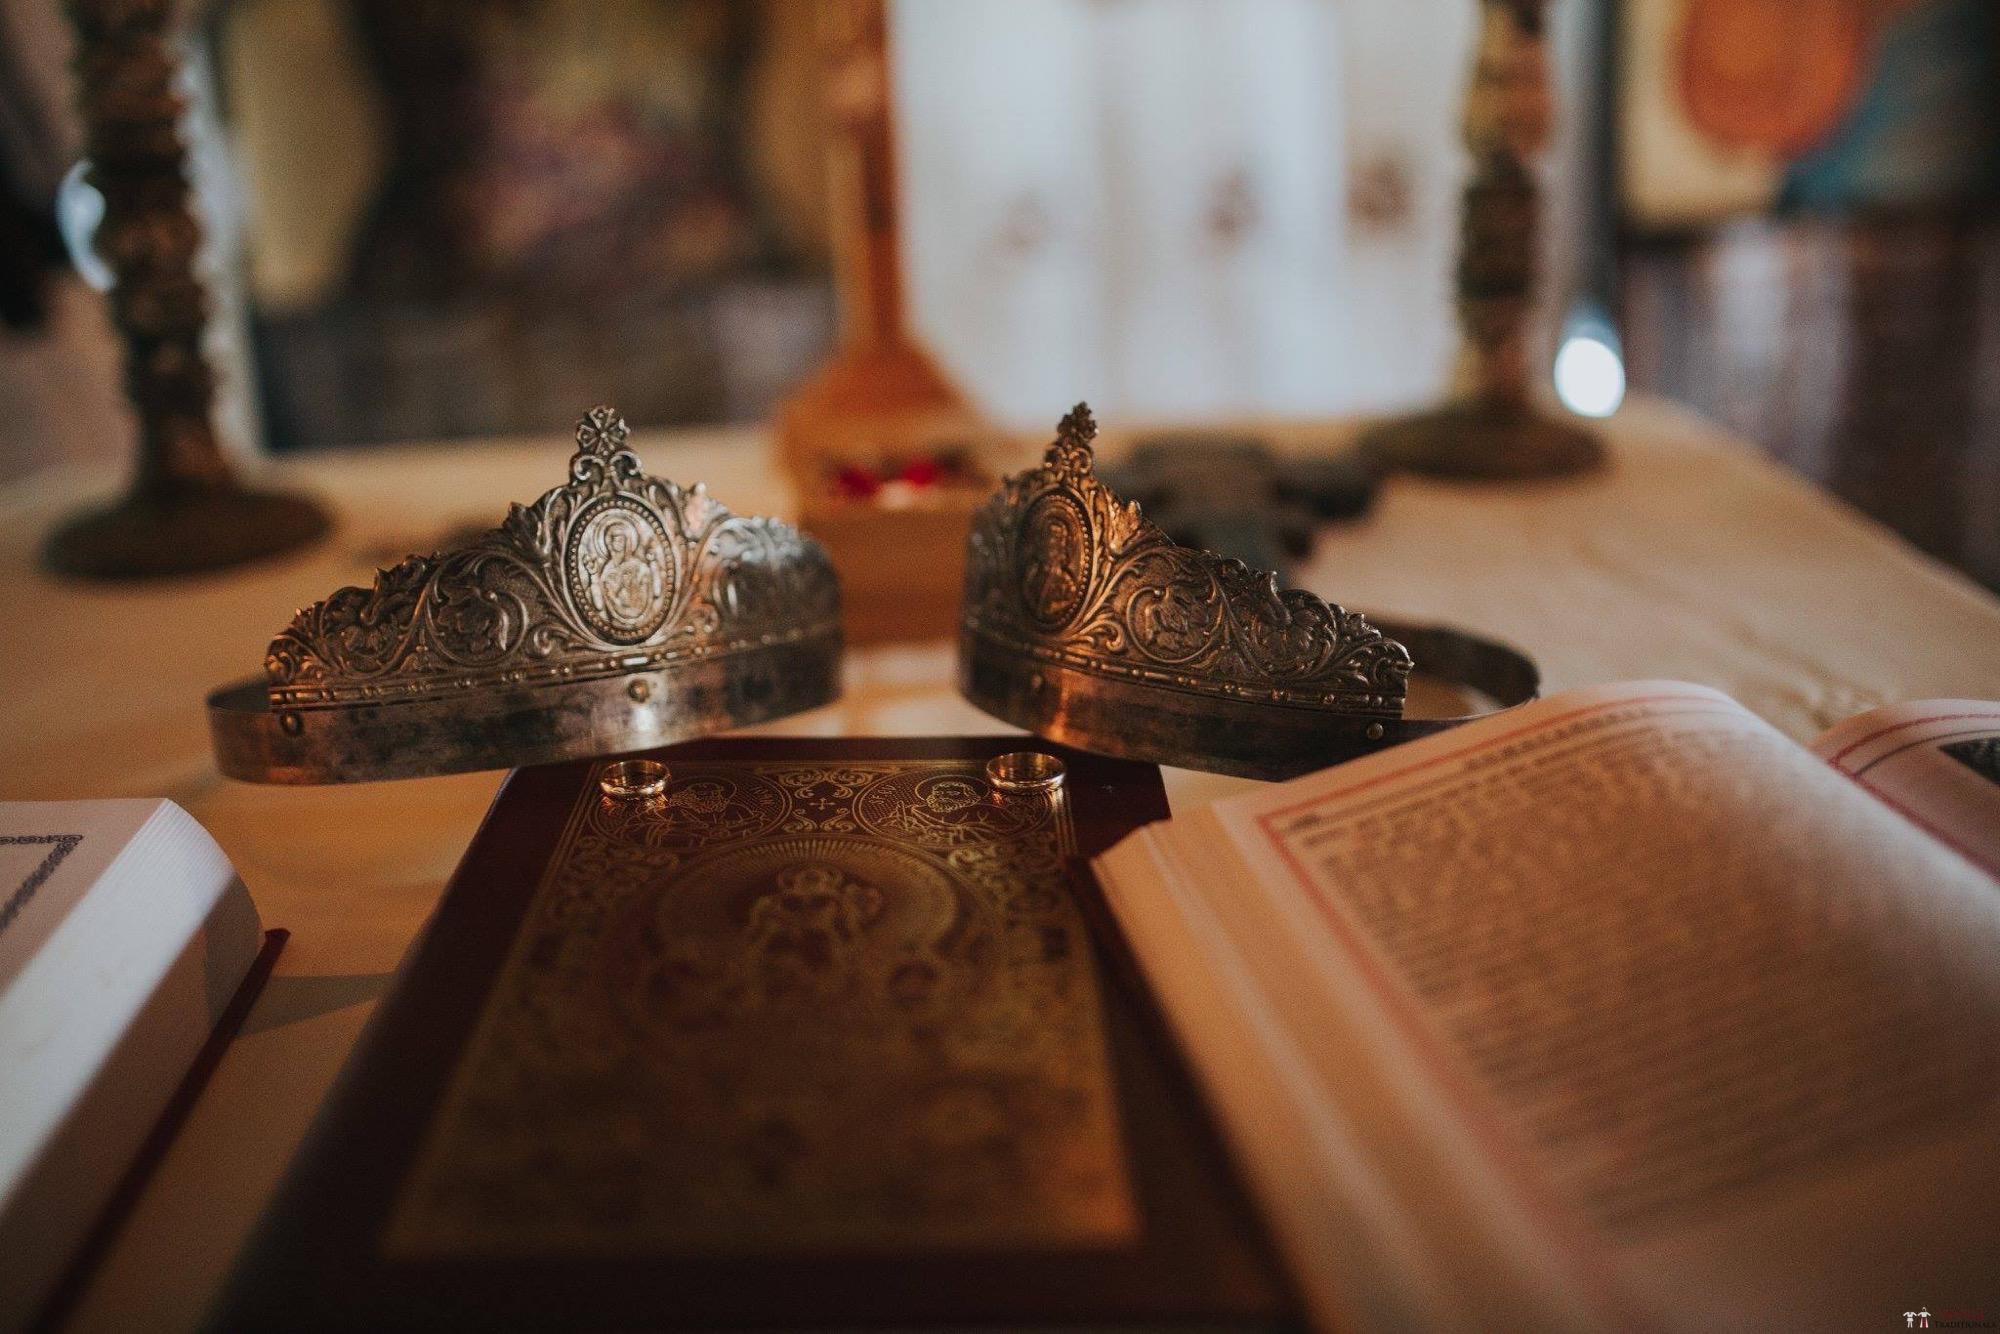 Povești Nunți Tradiționale - Andreea și Sergiu. Nuntă tradițională în Alba-Iulia 18